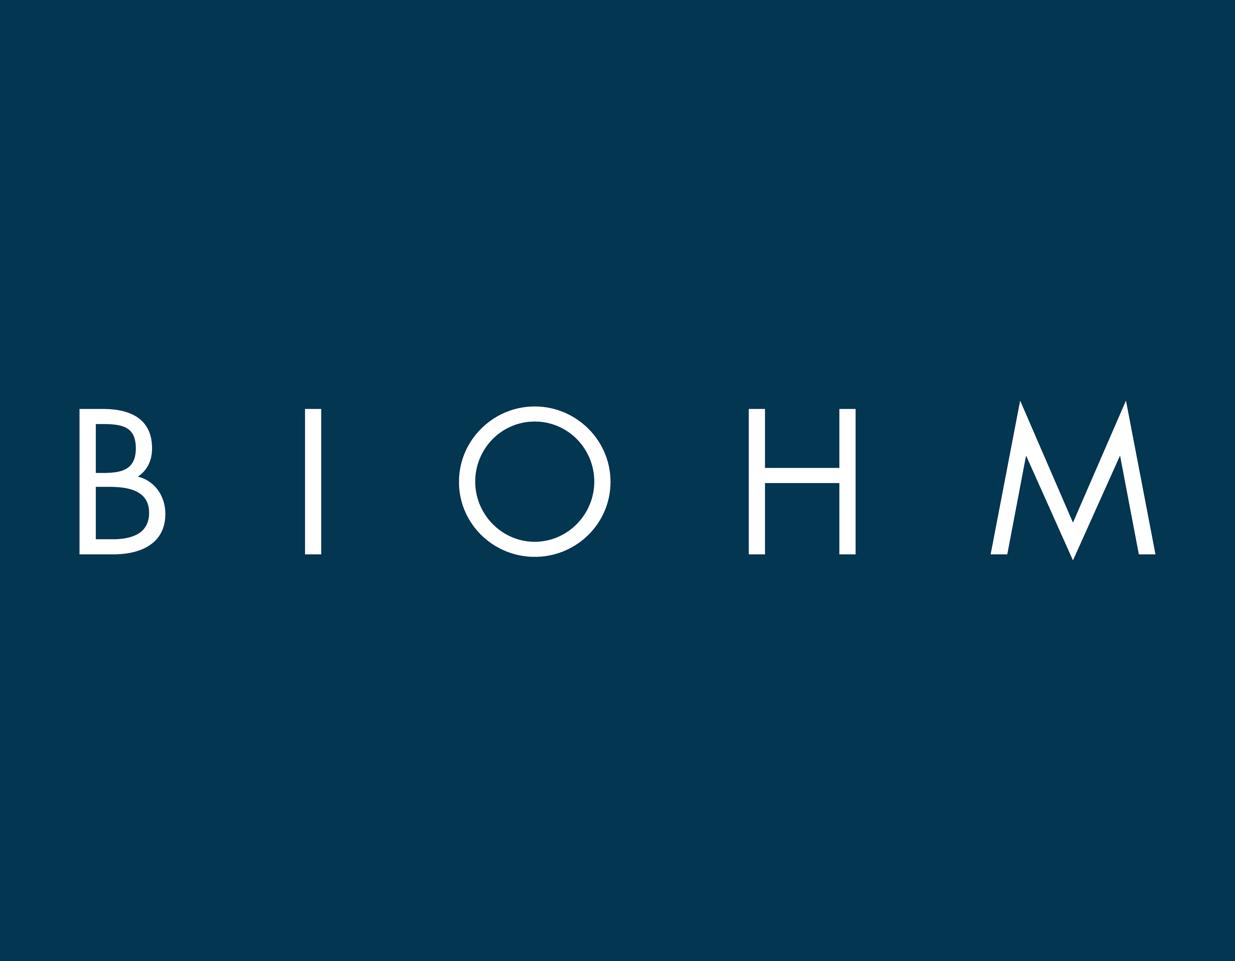 Biohm navywhitelogo